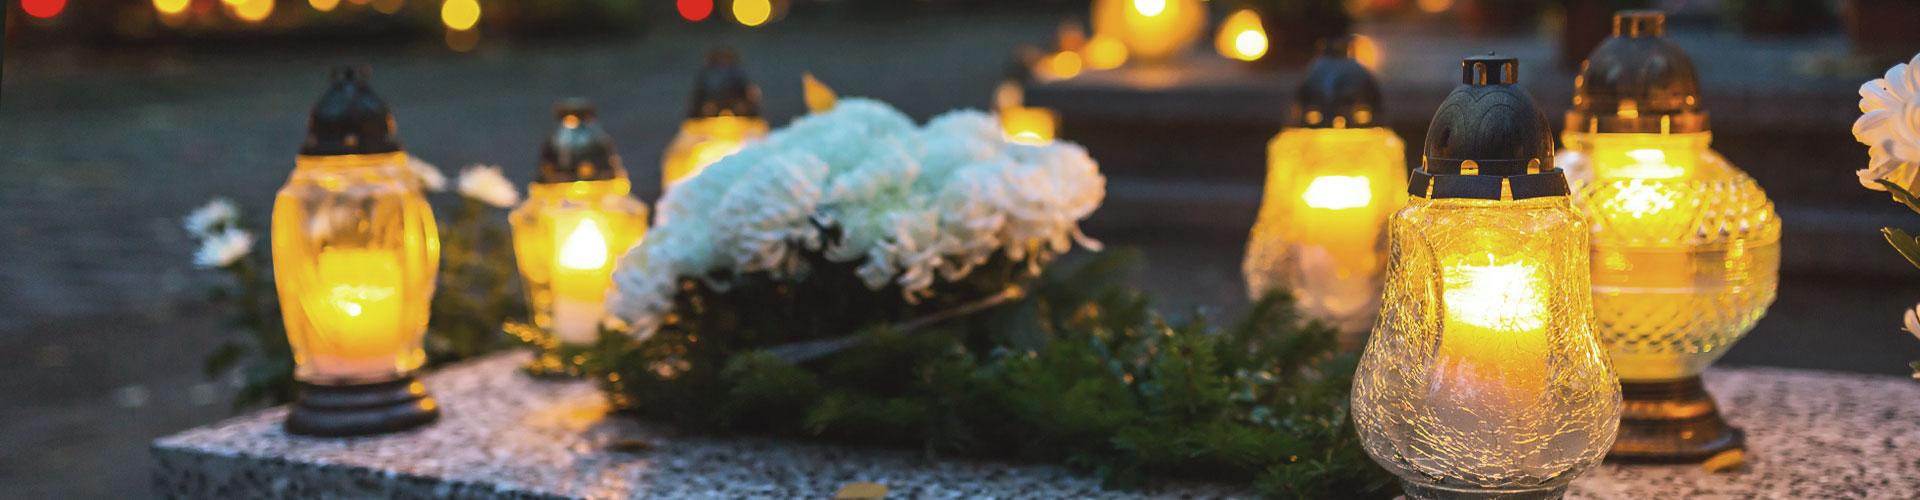 Brennende Kerzen und weiße Blumen auf einem Grabstein